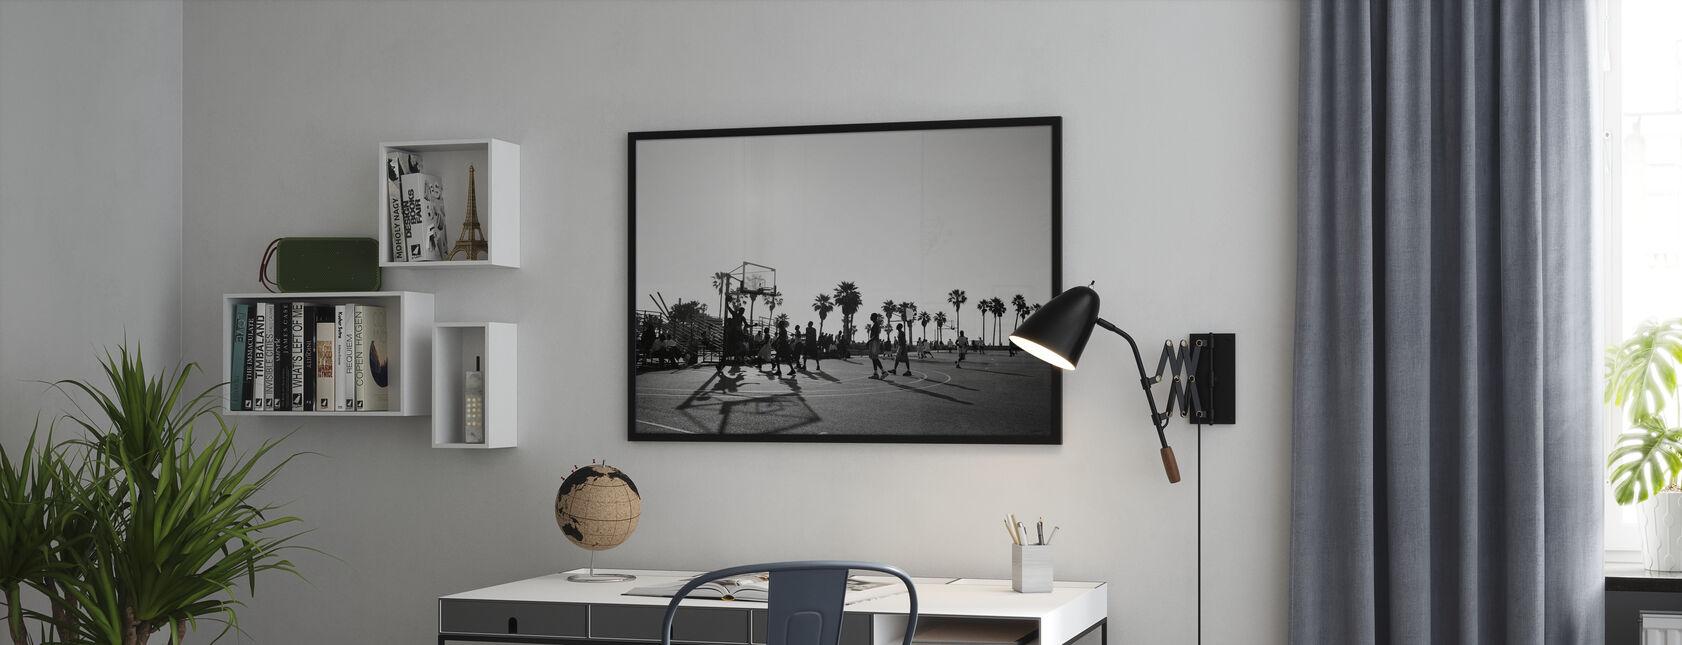 Basketball i gatene i Los Angeles, California - Plakat - Kontor